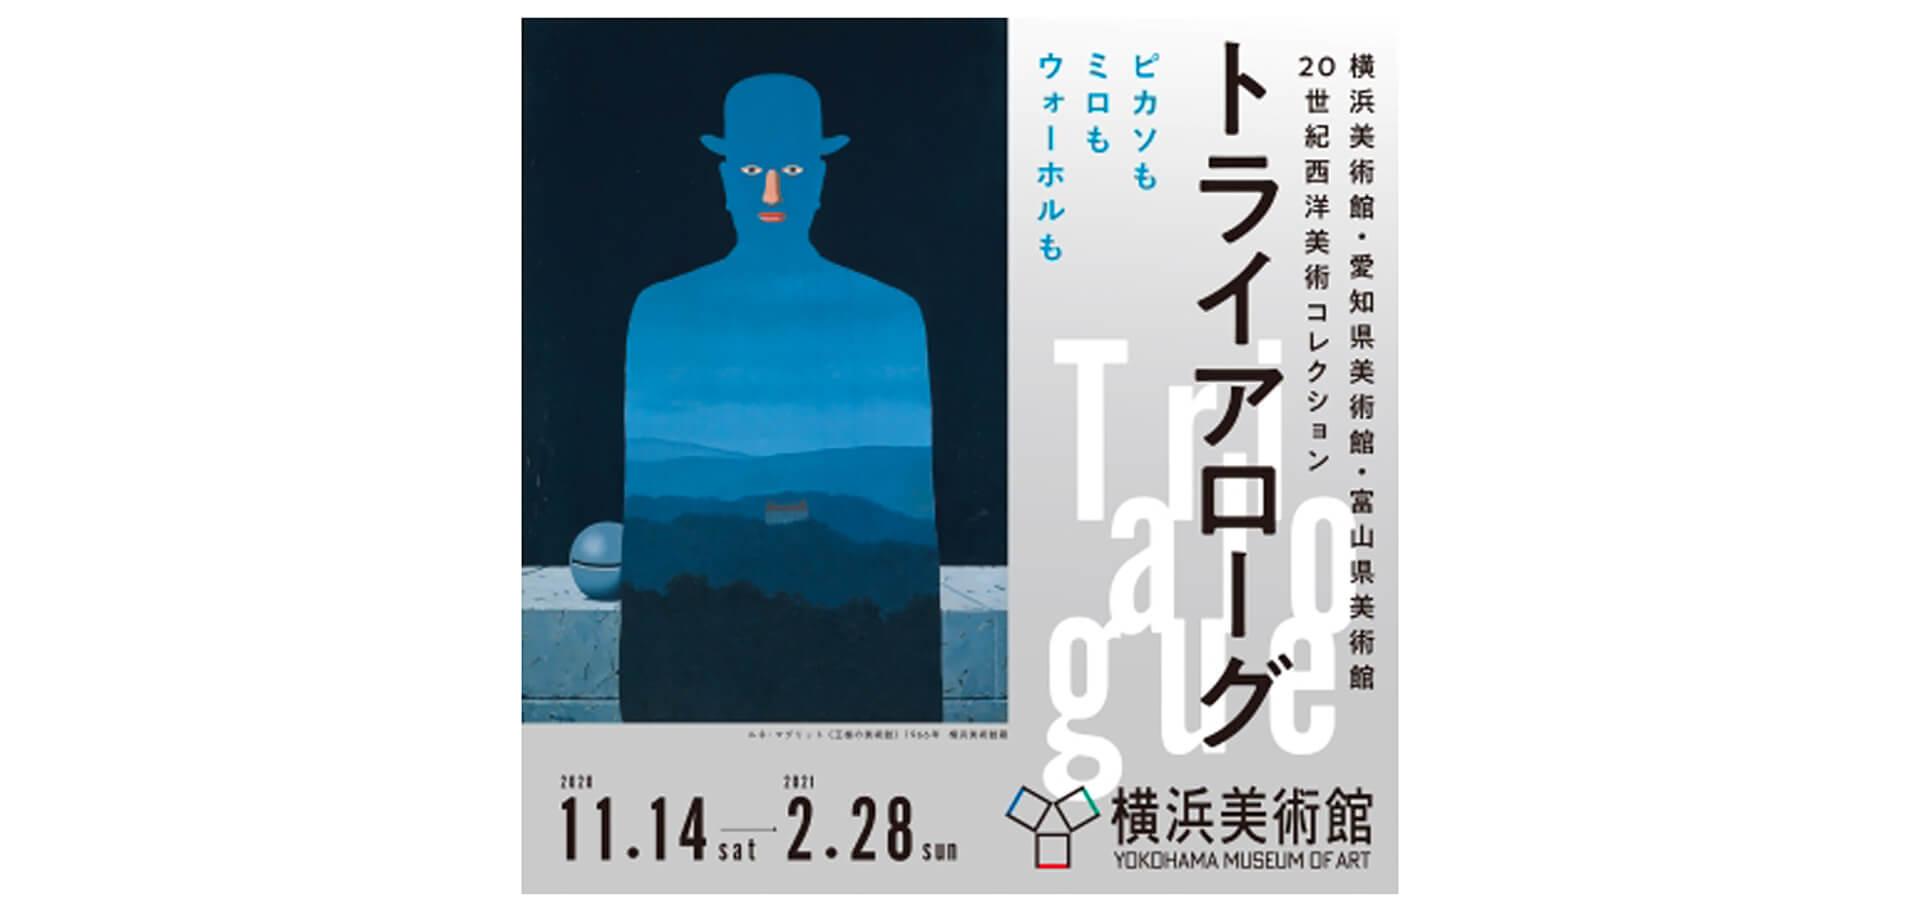 横浜美術館「トライアローグ展」